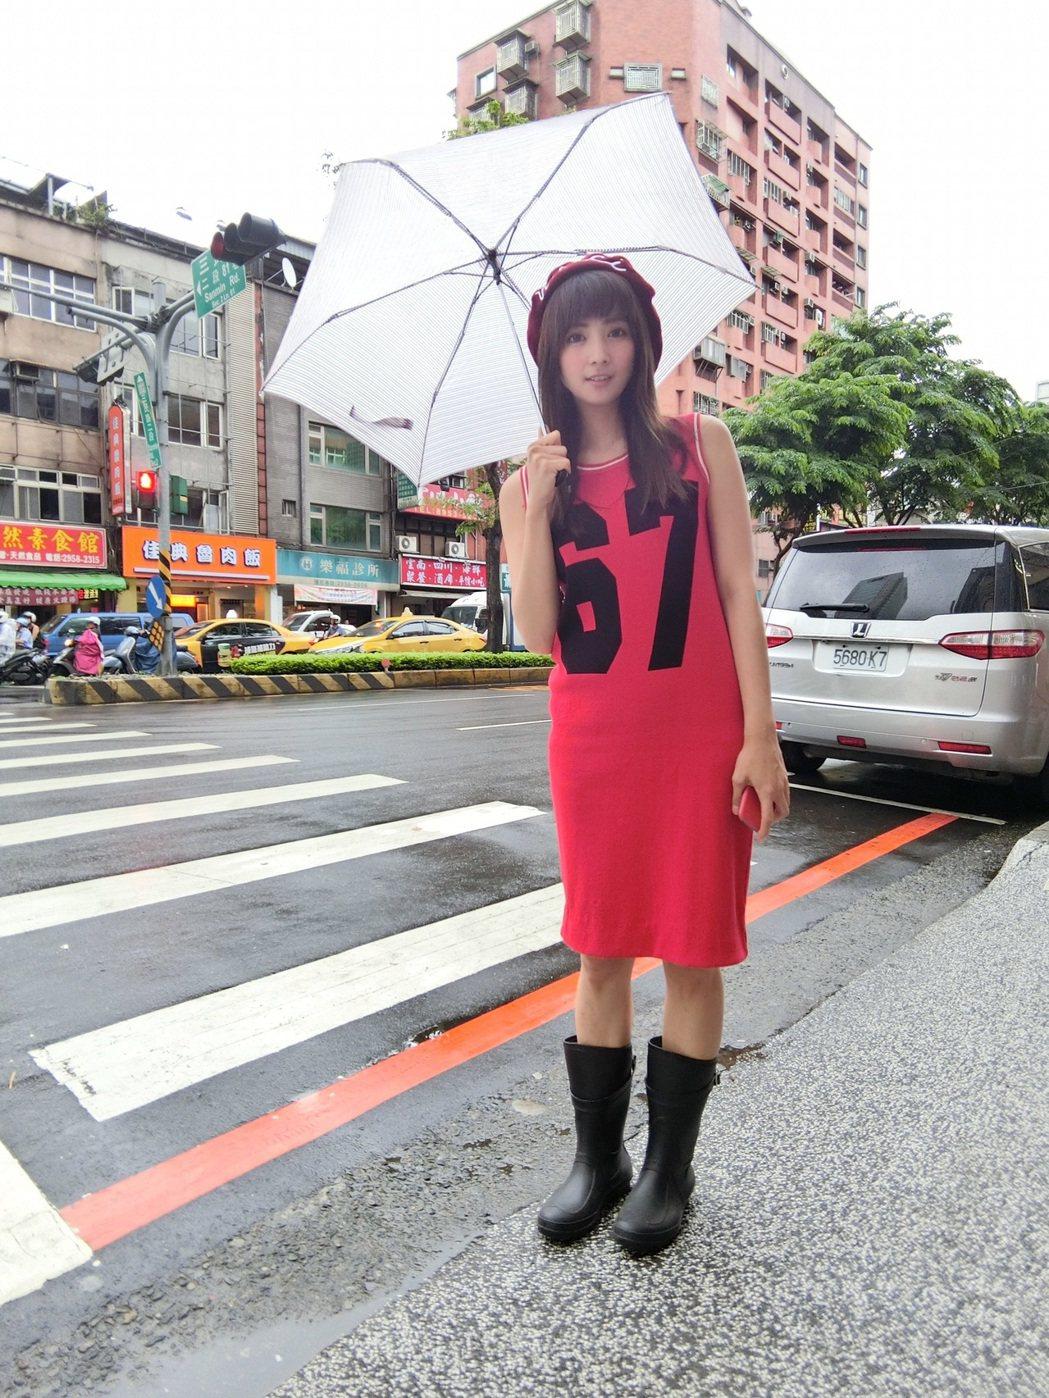 台北下暴雨,阿喜心念基隆阿嬤家。圖/天晴音樂提供